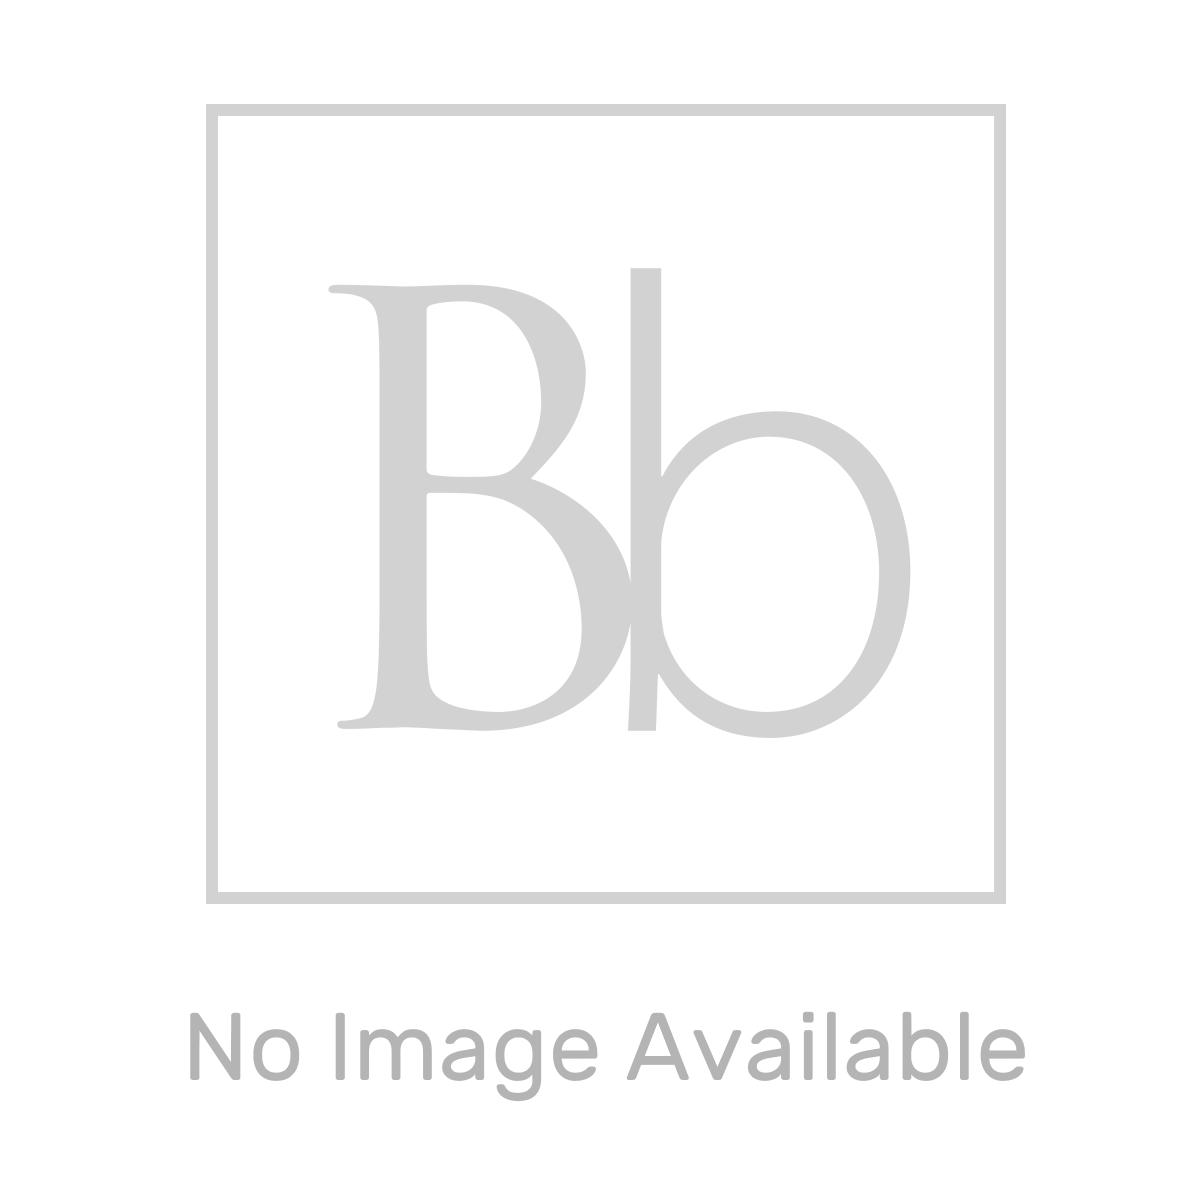 HiB Cool White LED White Shower Light